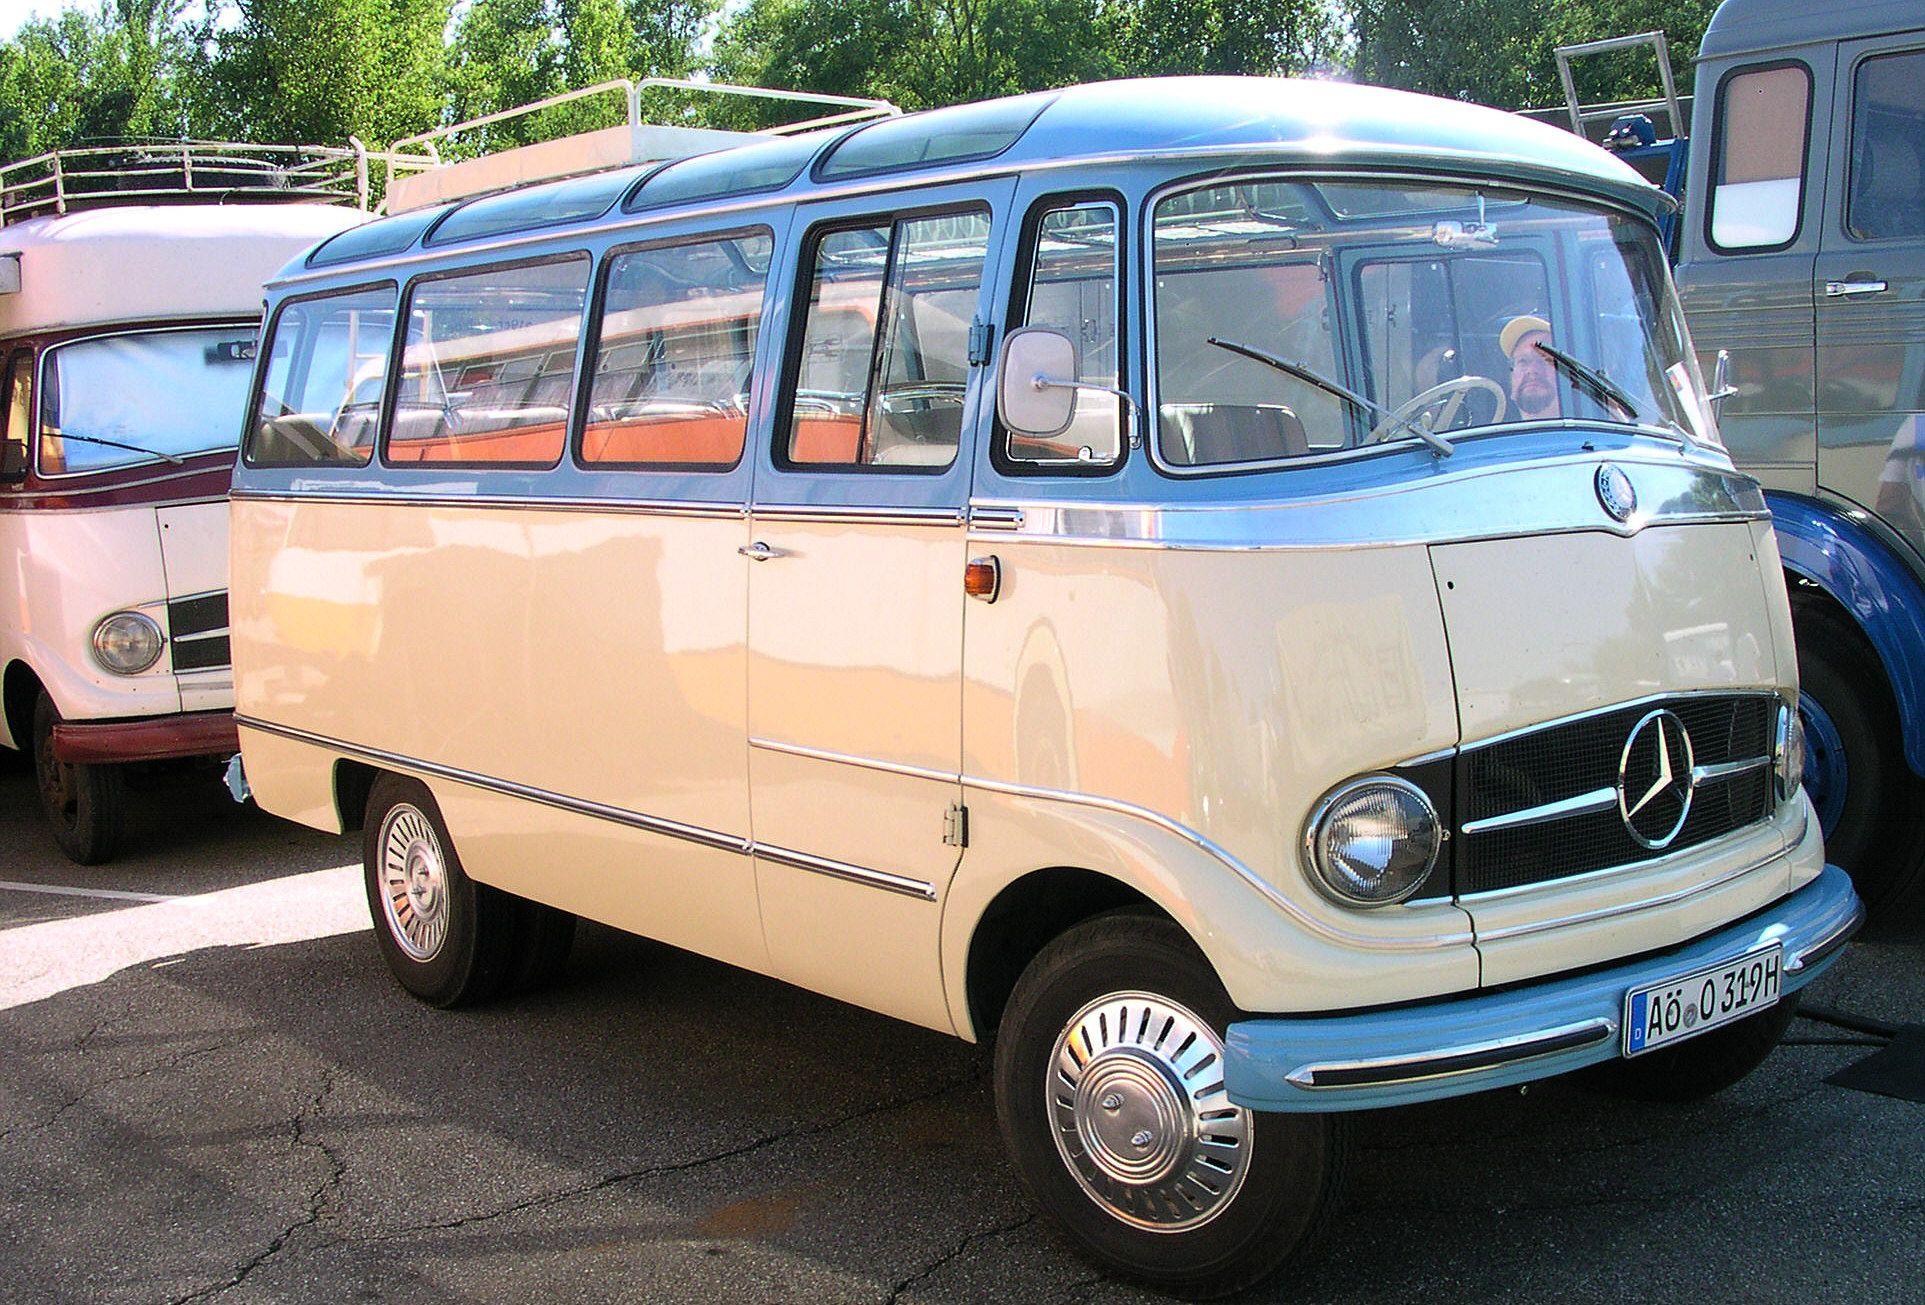 1971 mercedes benz o302 bus daimler ag de auto mercedes benz de - 1971 Mercedes Benz O302 Bus Daimler Ag De Auto Mercedes Benz De 33